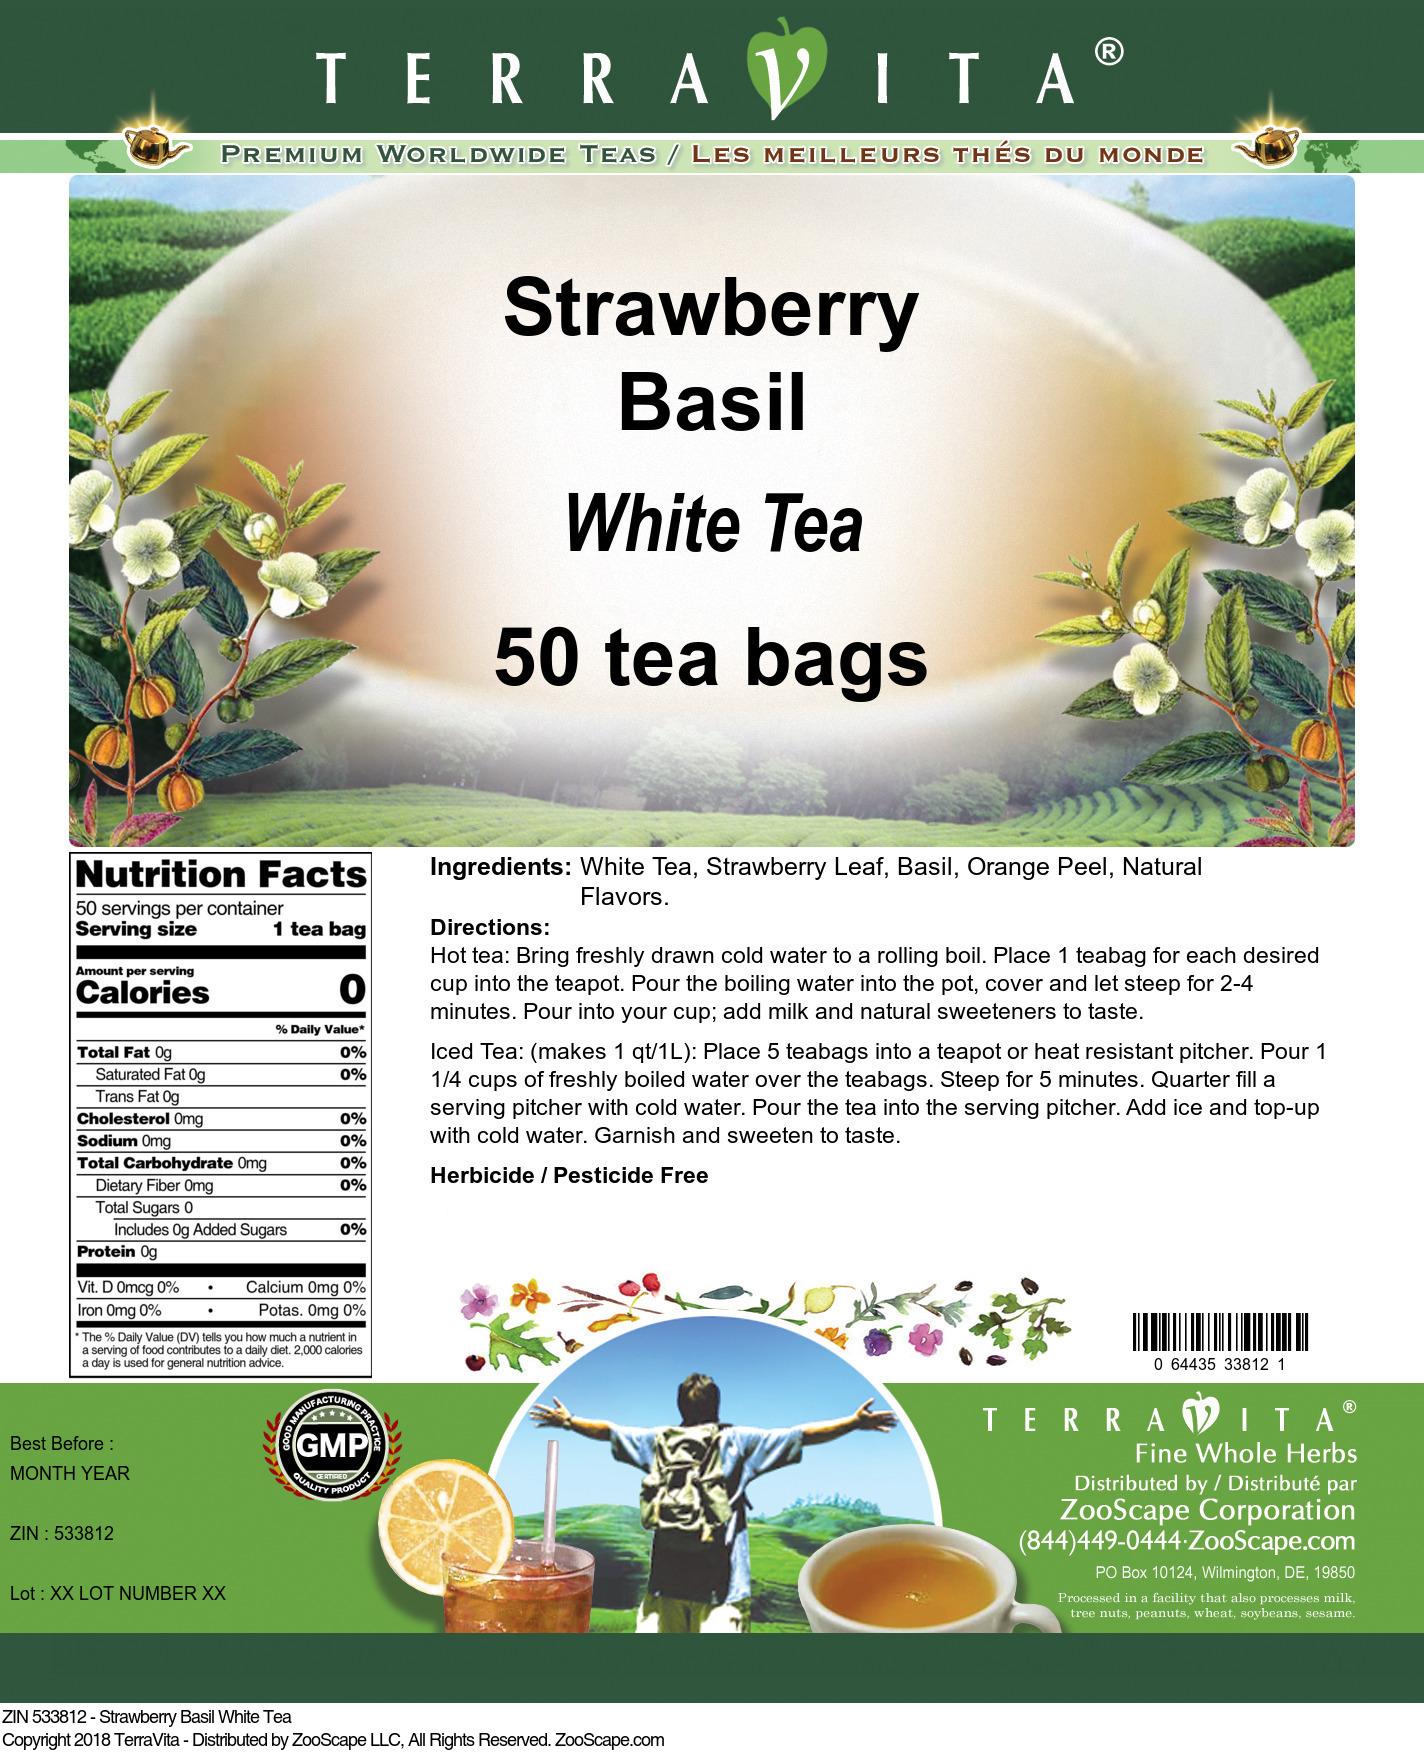 Strawberry Basil White Tea